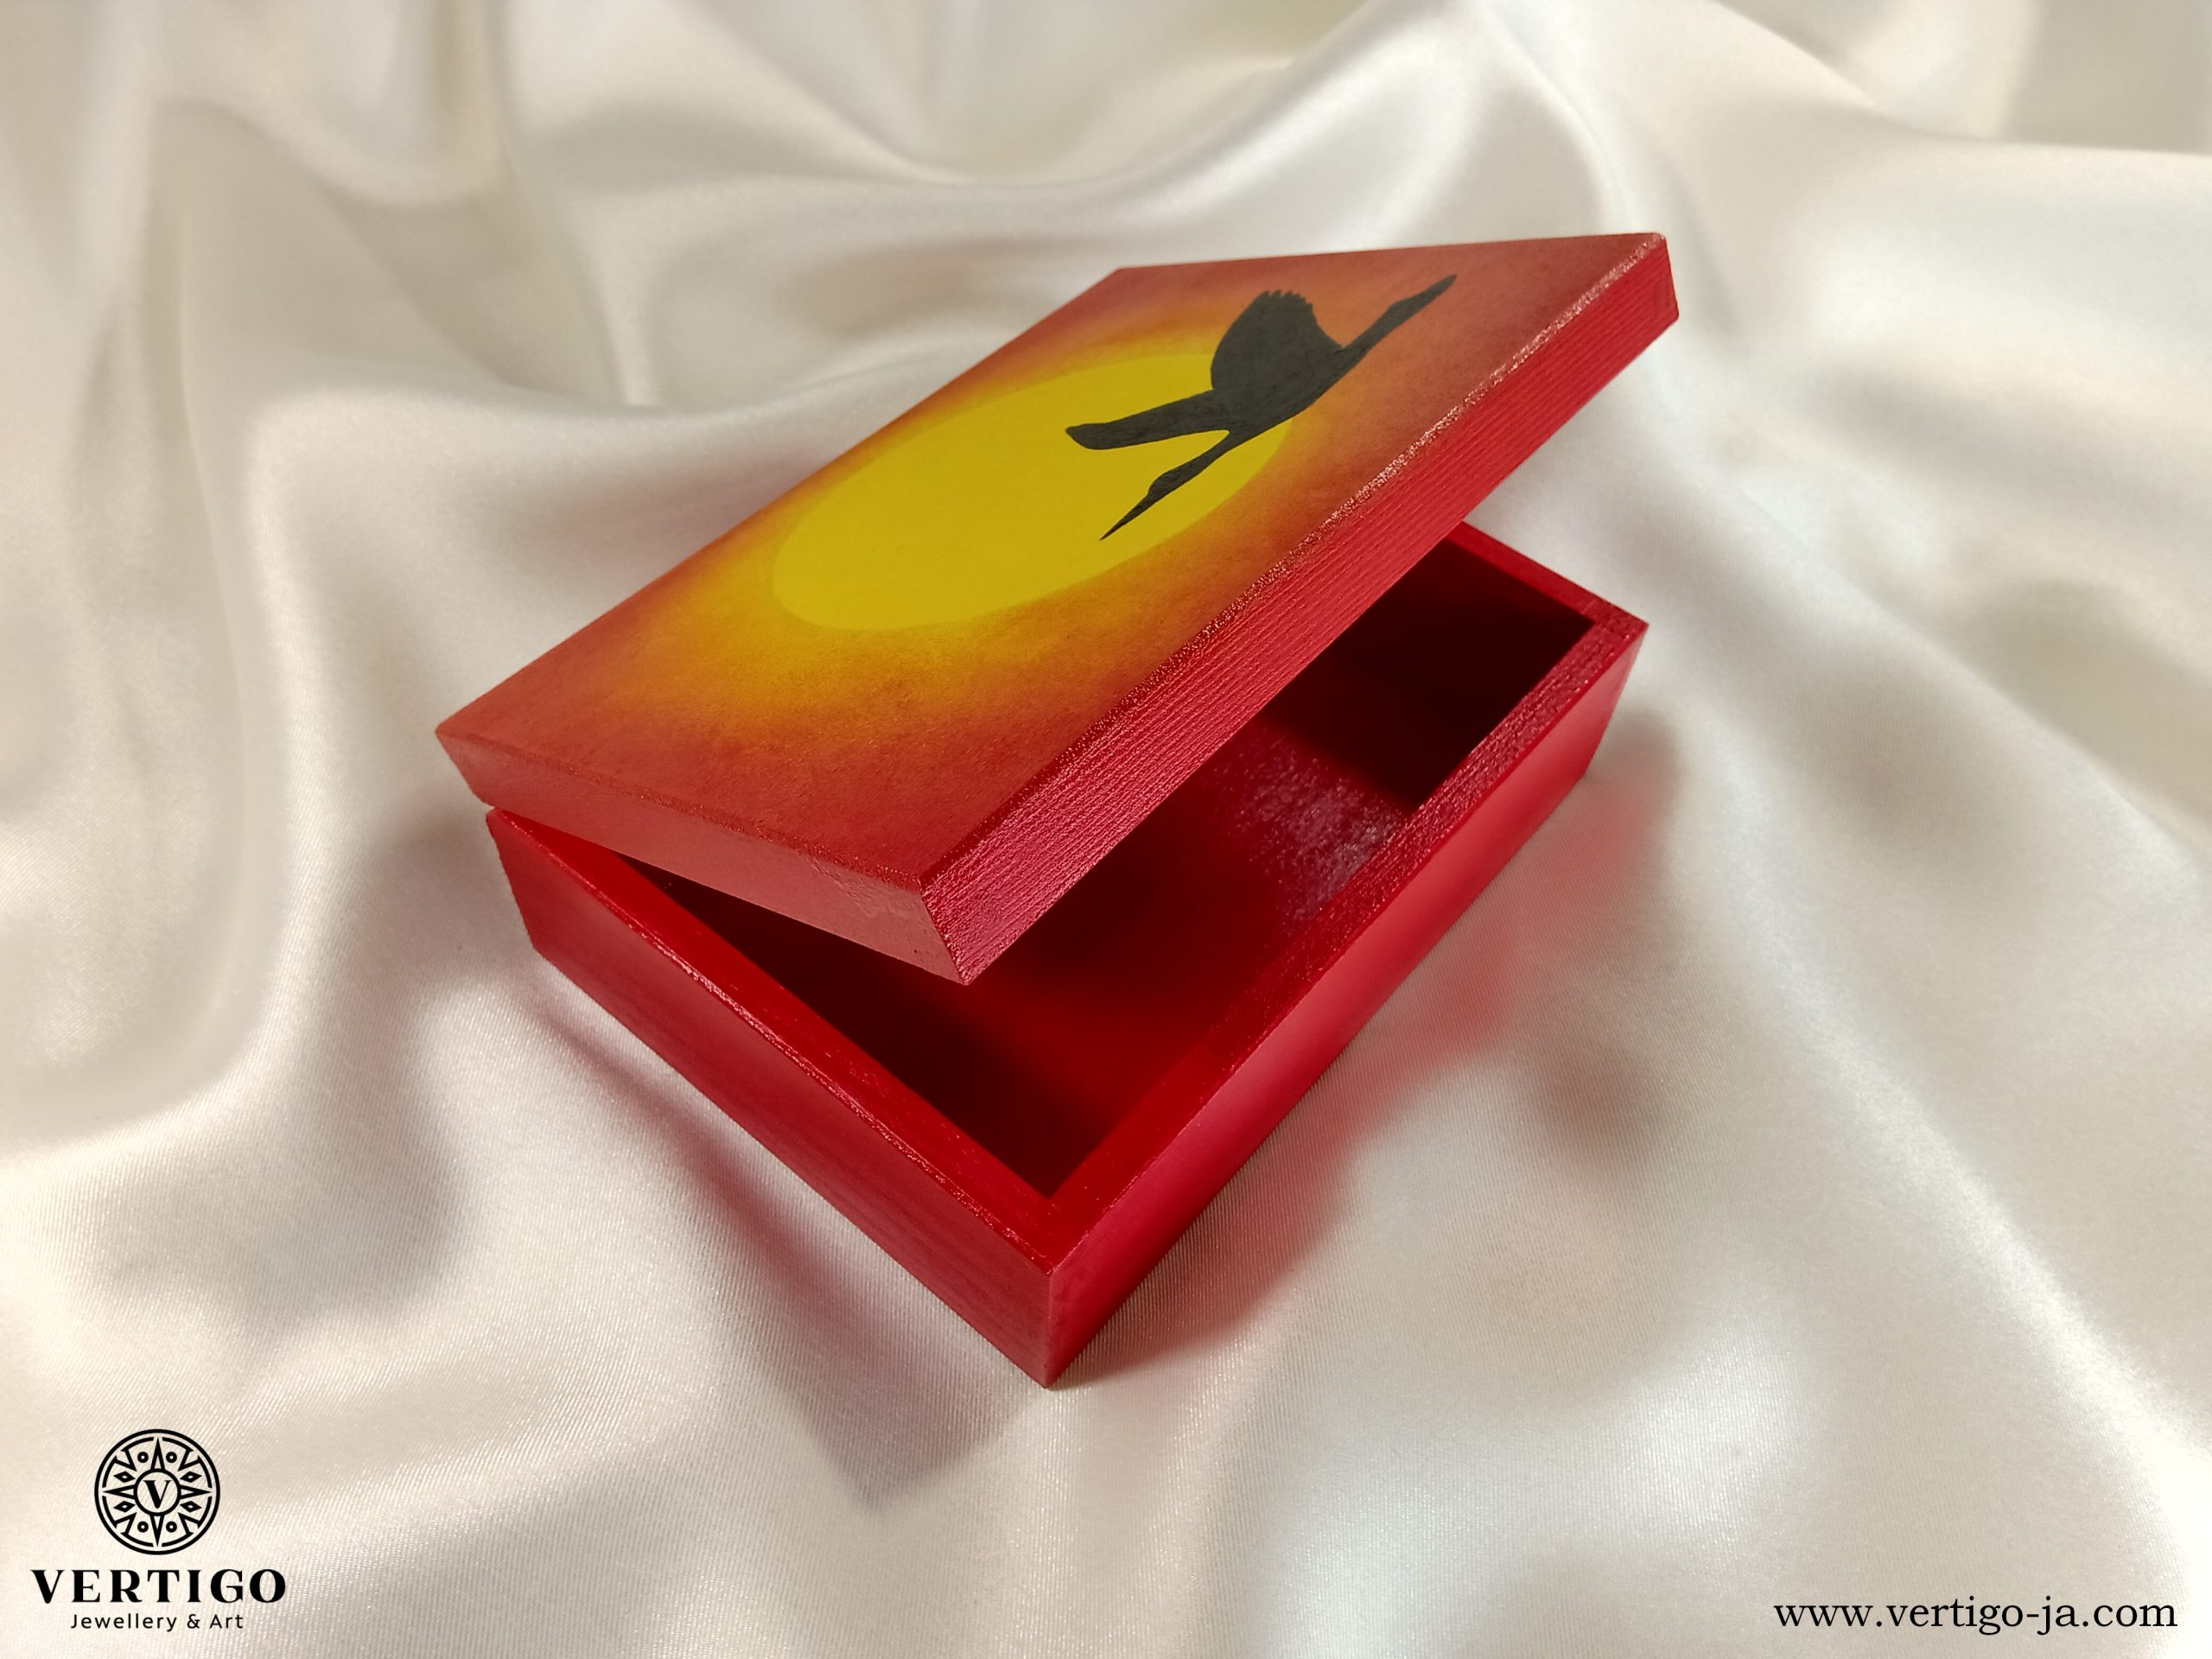 Wnętrze pudełka z bocianem na tle wschodzącego słońca